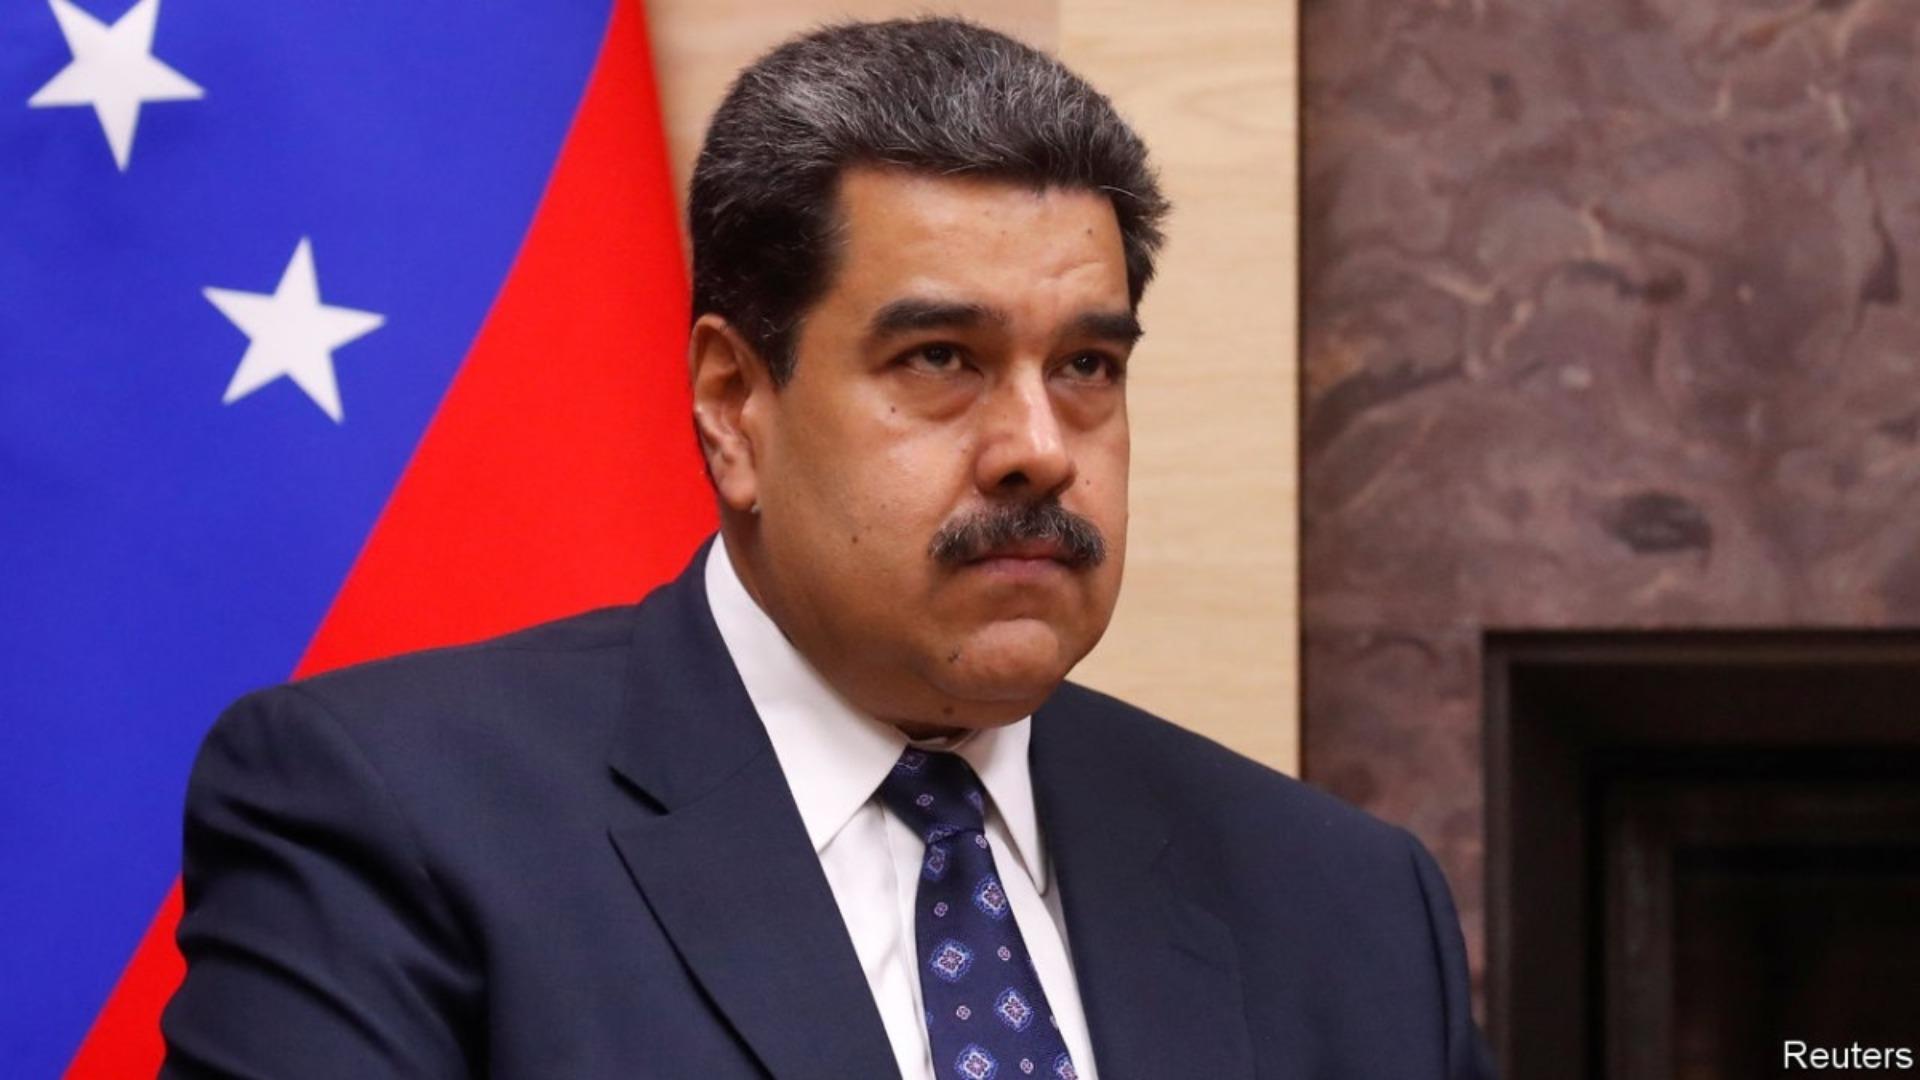 Recompensa para capturar a Maduro es la cuarta más alta en la historia de EE.UU.